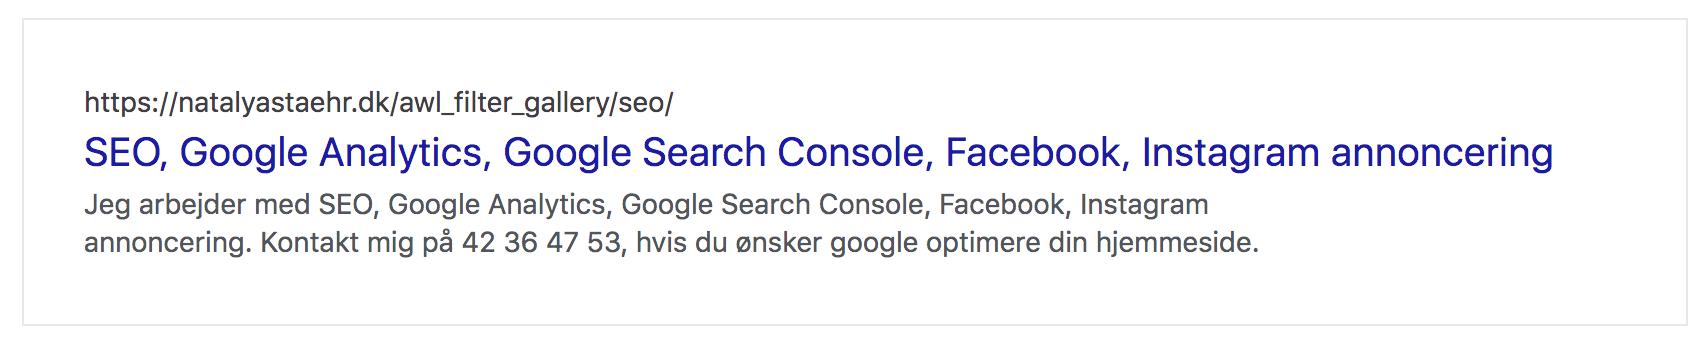 SEO, Google Adds